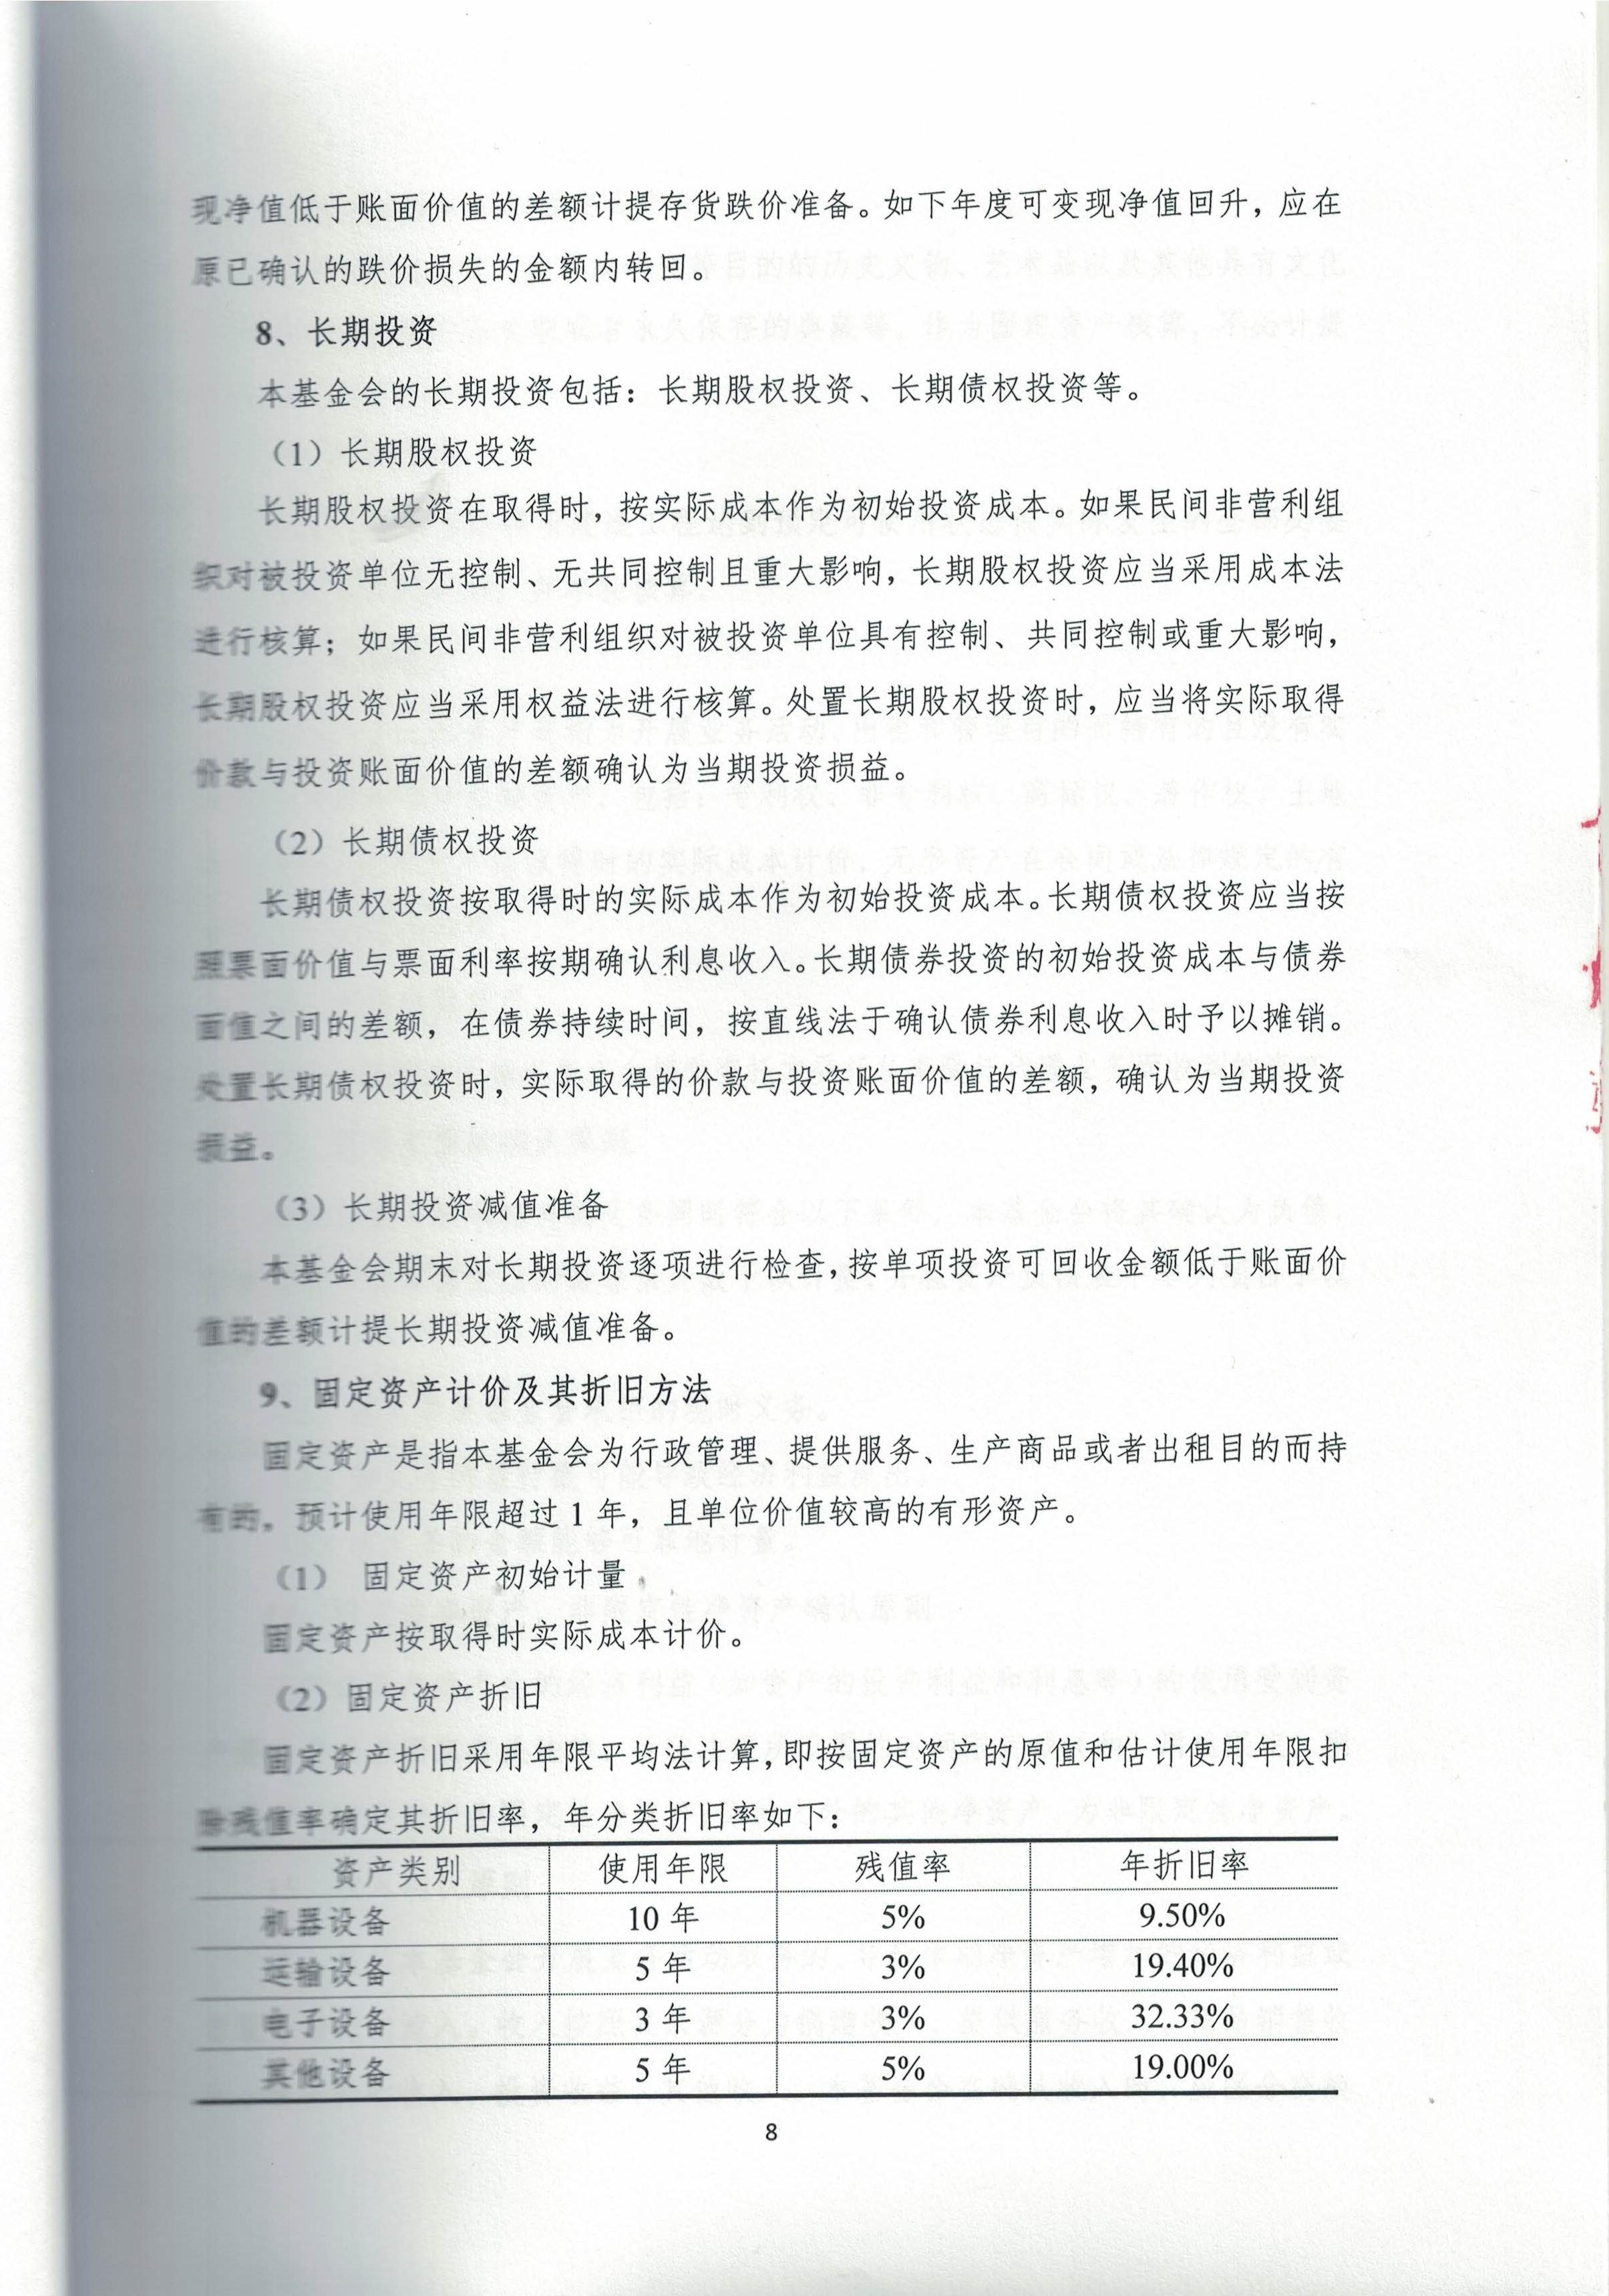 2018审计报告_页面_10